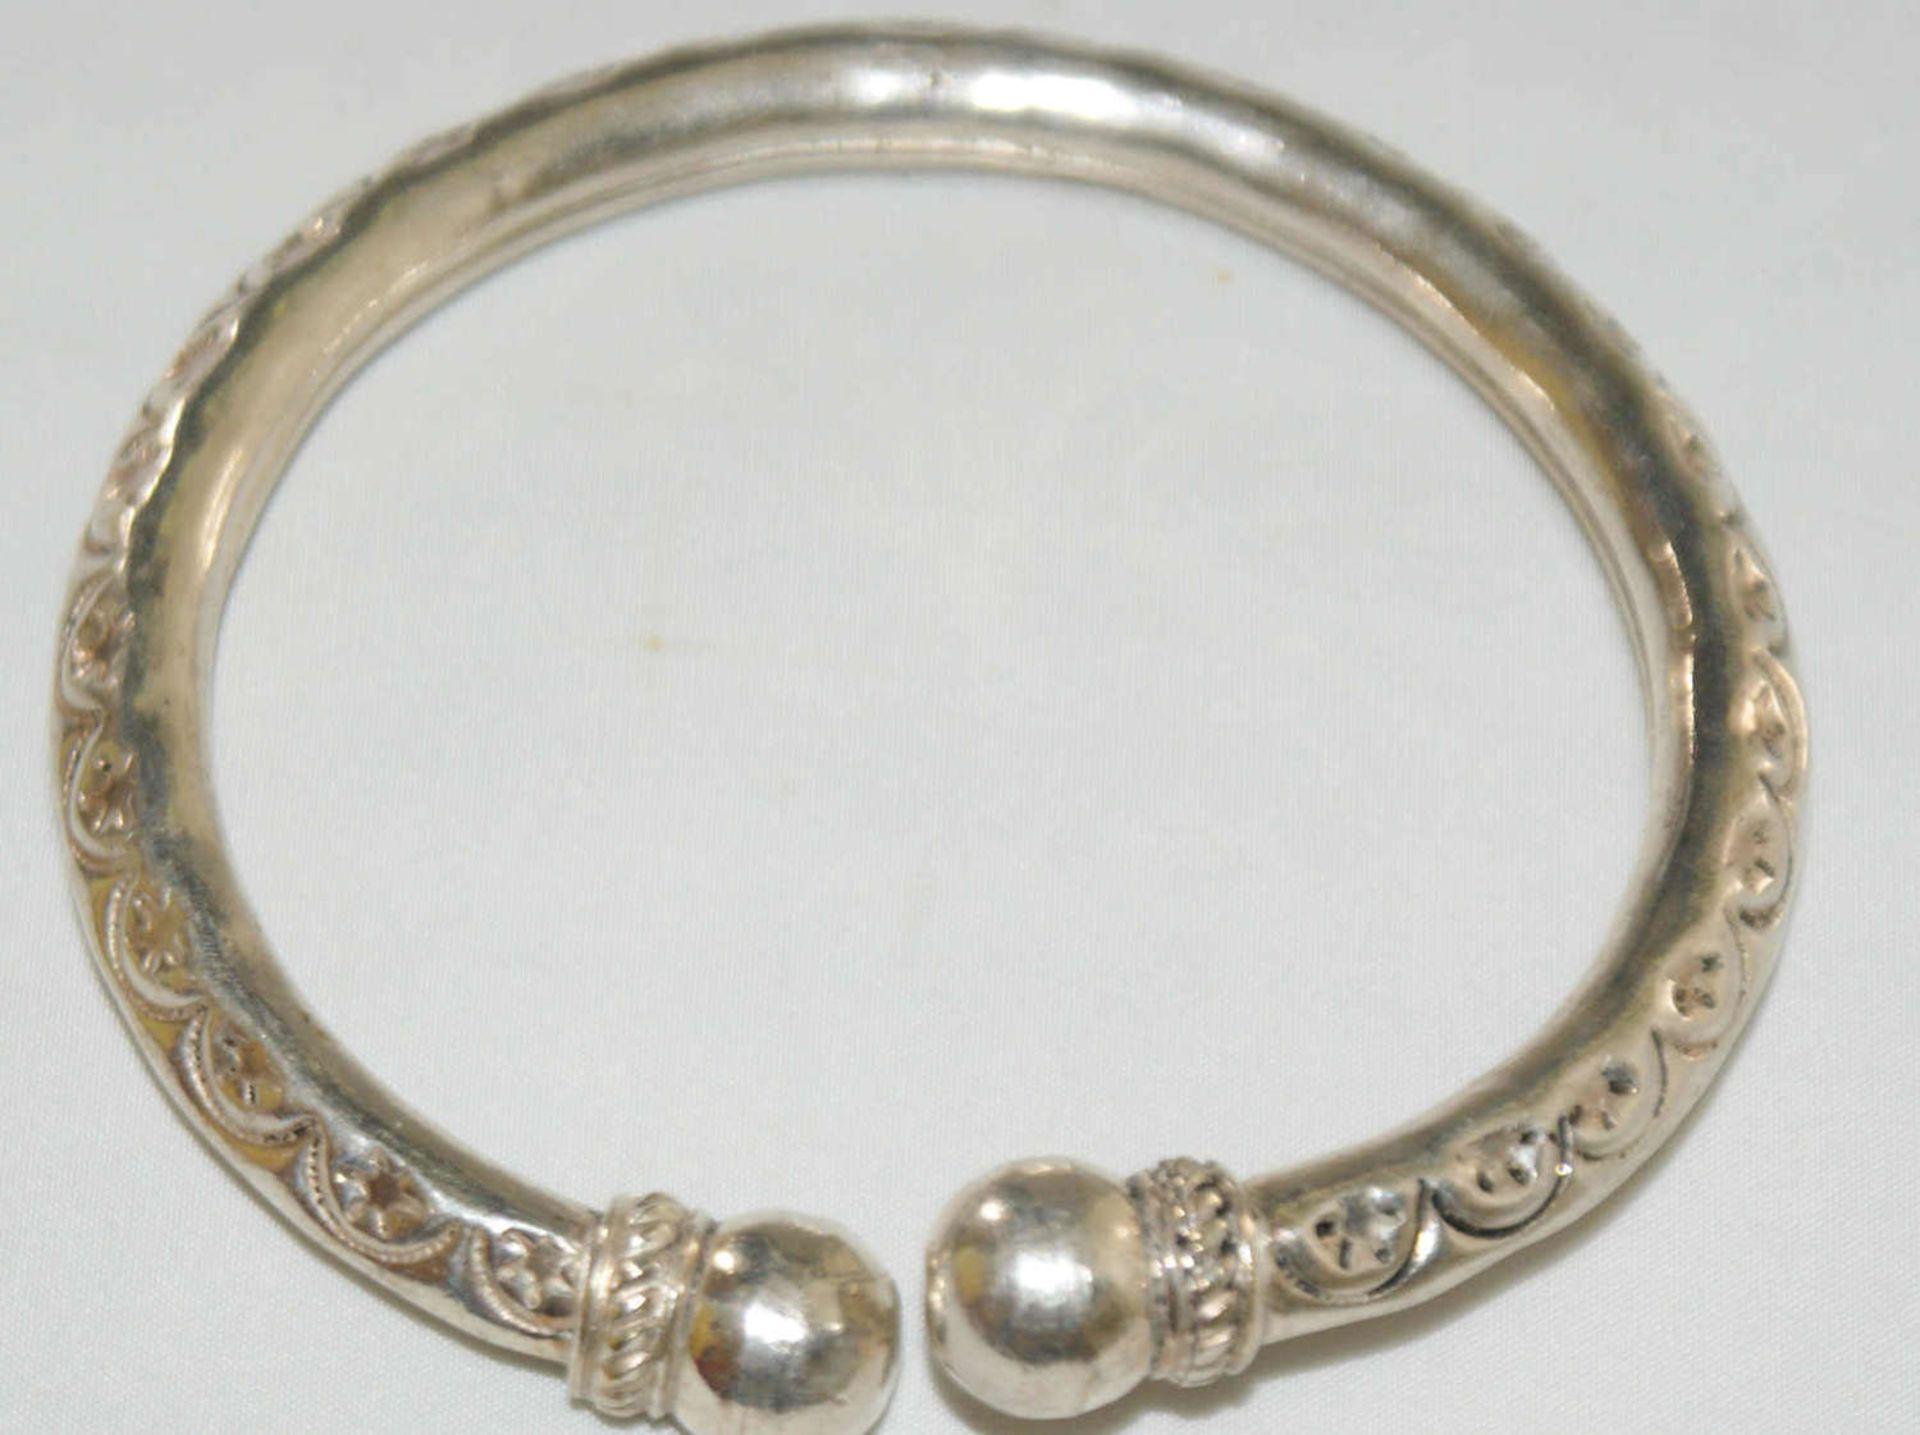 Armreif, 925er Silber, verziert mit Ornamenten. Offene Ringschiene. Gewicht ca. 24 gr